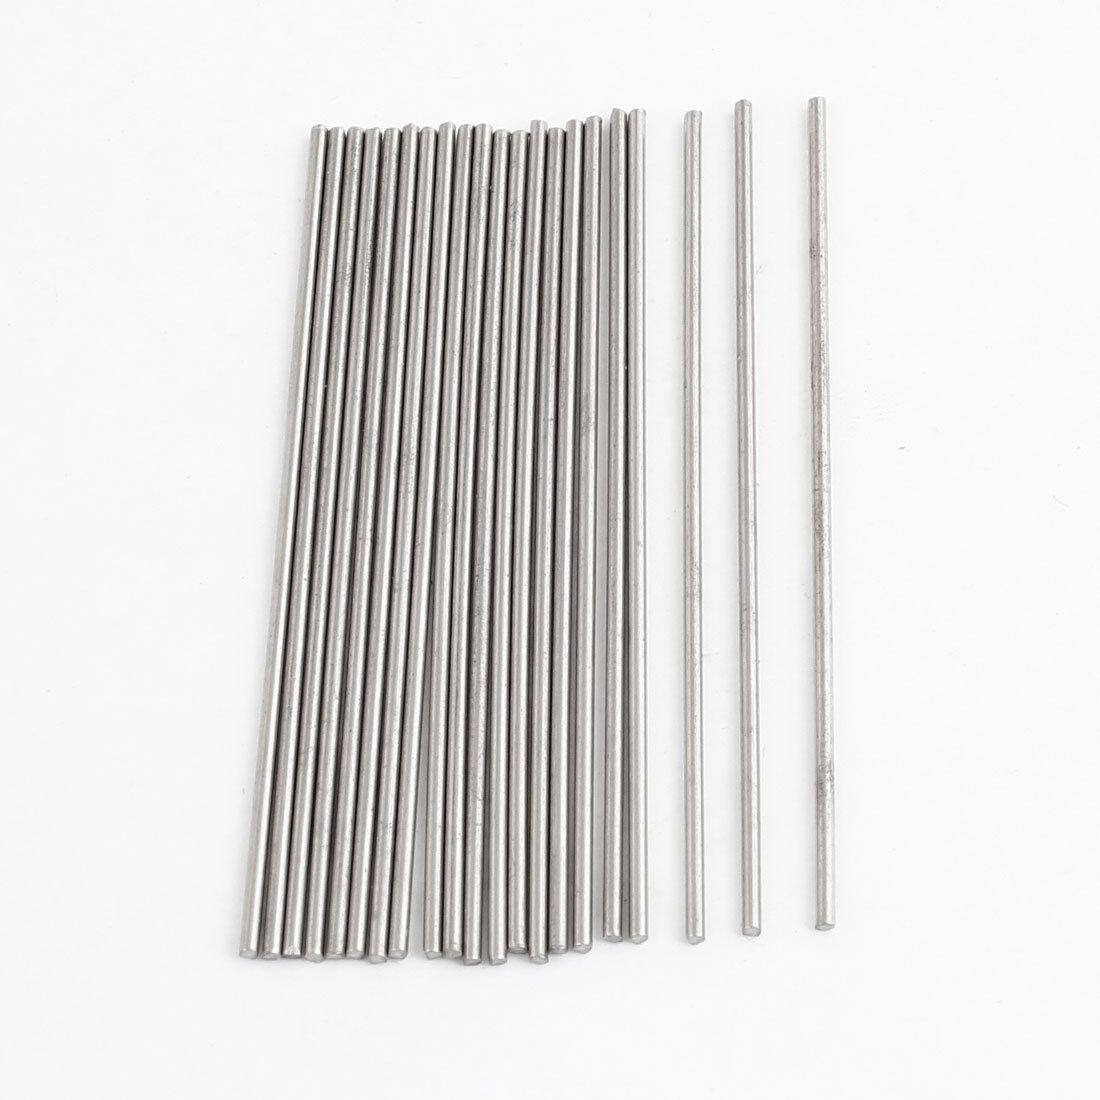 acier inoxydable argent/é 50/mm x 1/mm Rond Lot de 20/tiges de transmission